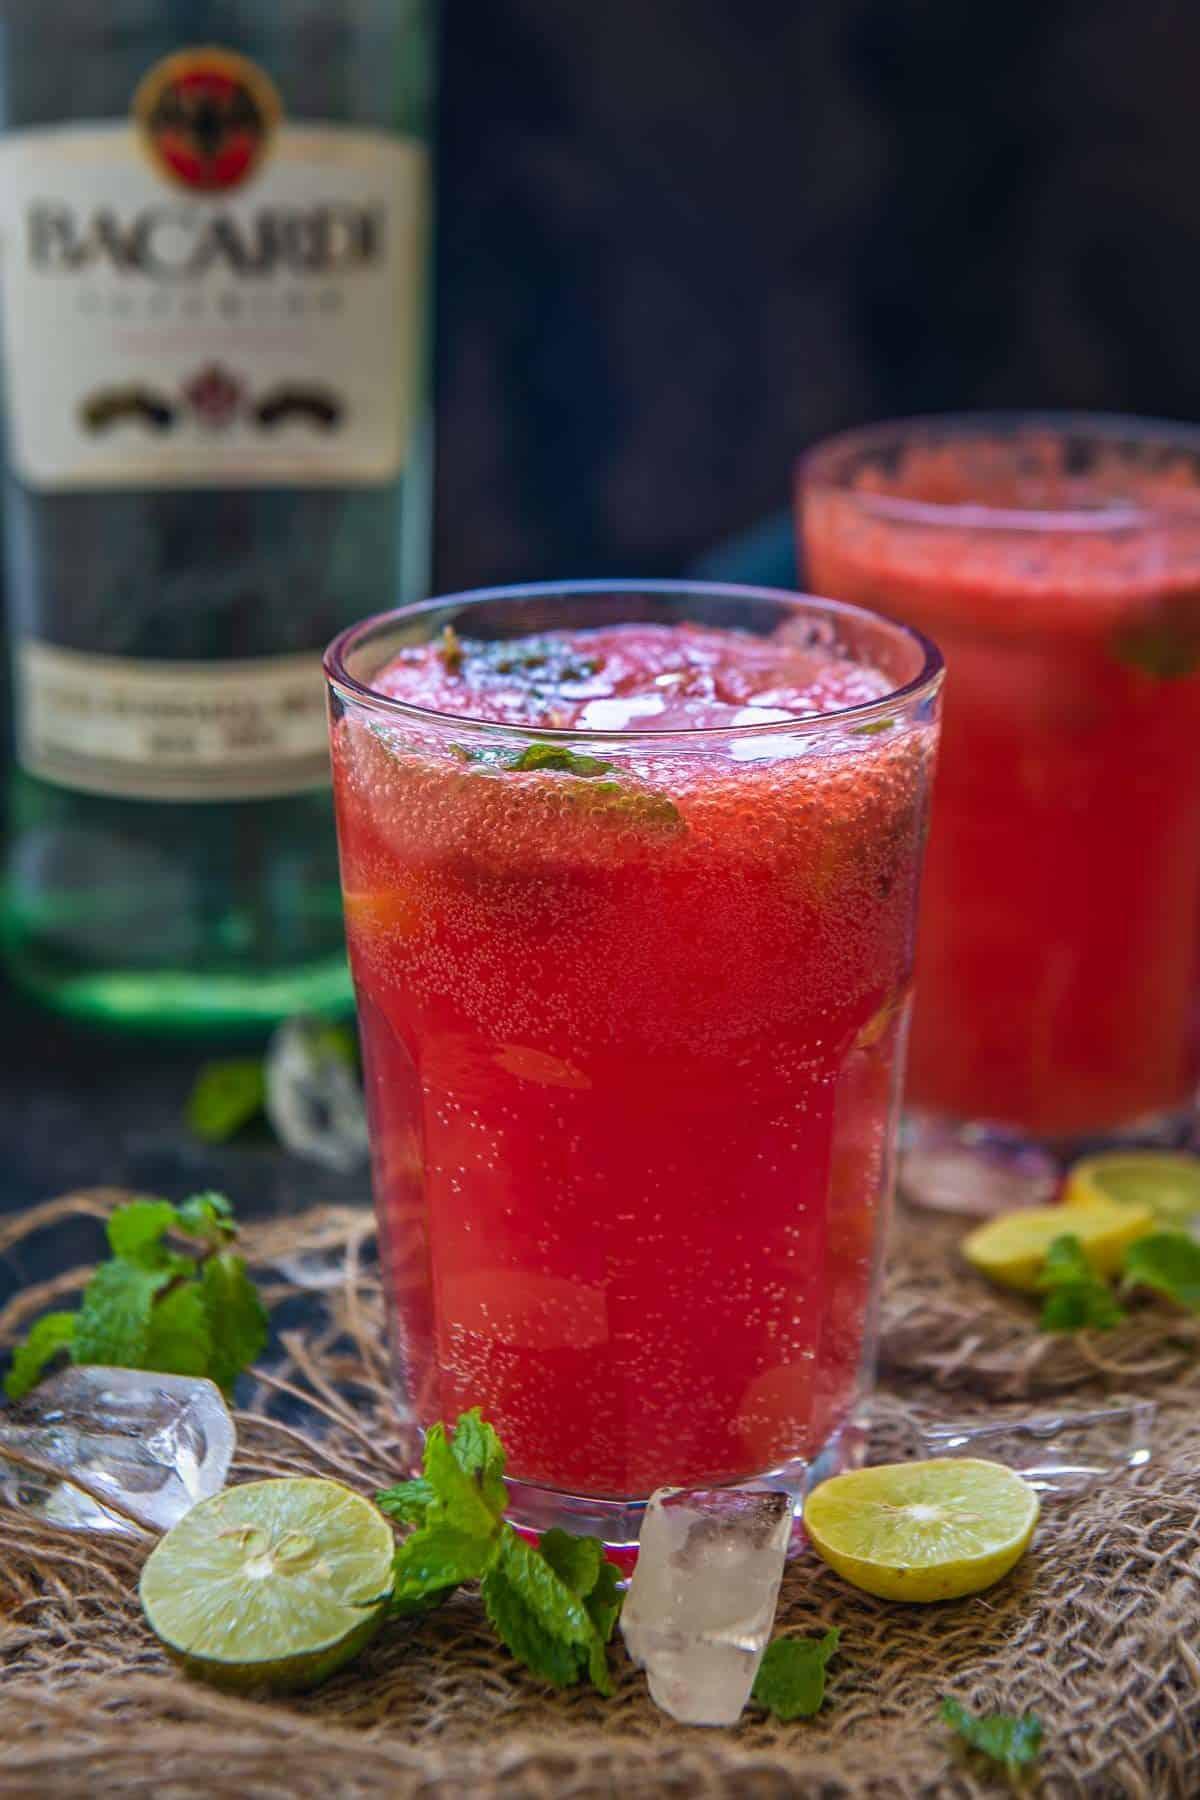 watermelon mojito served in a glass.